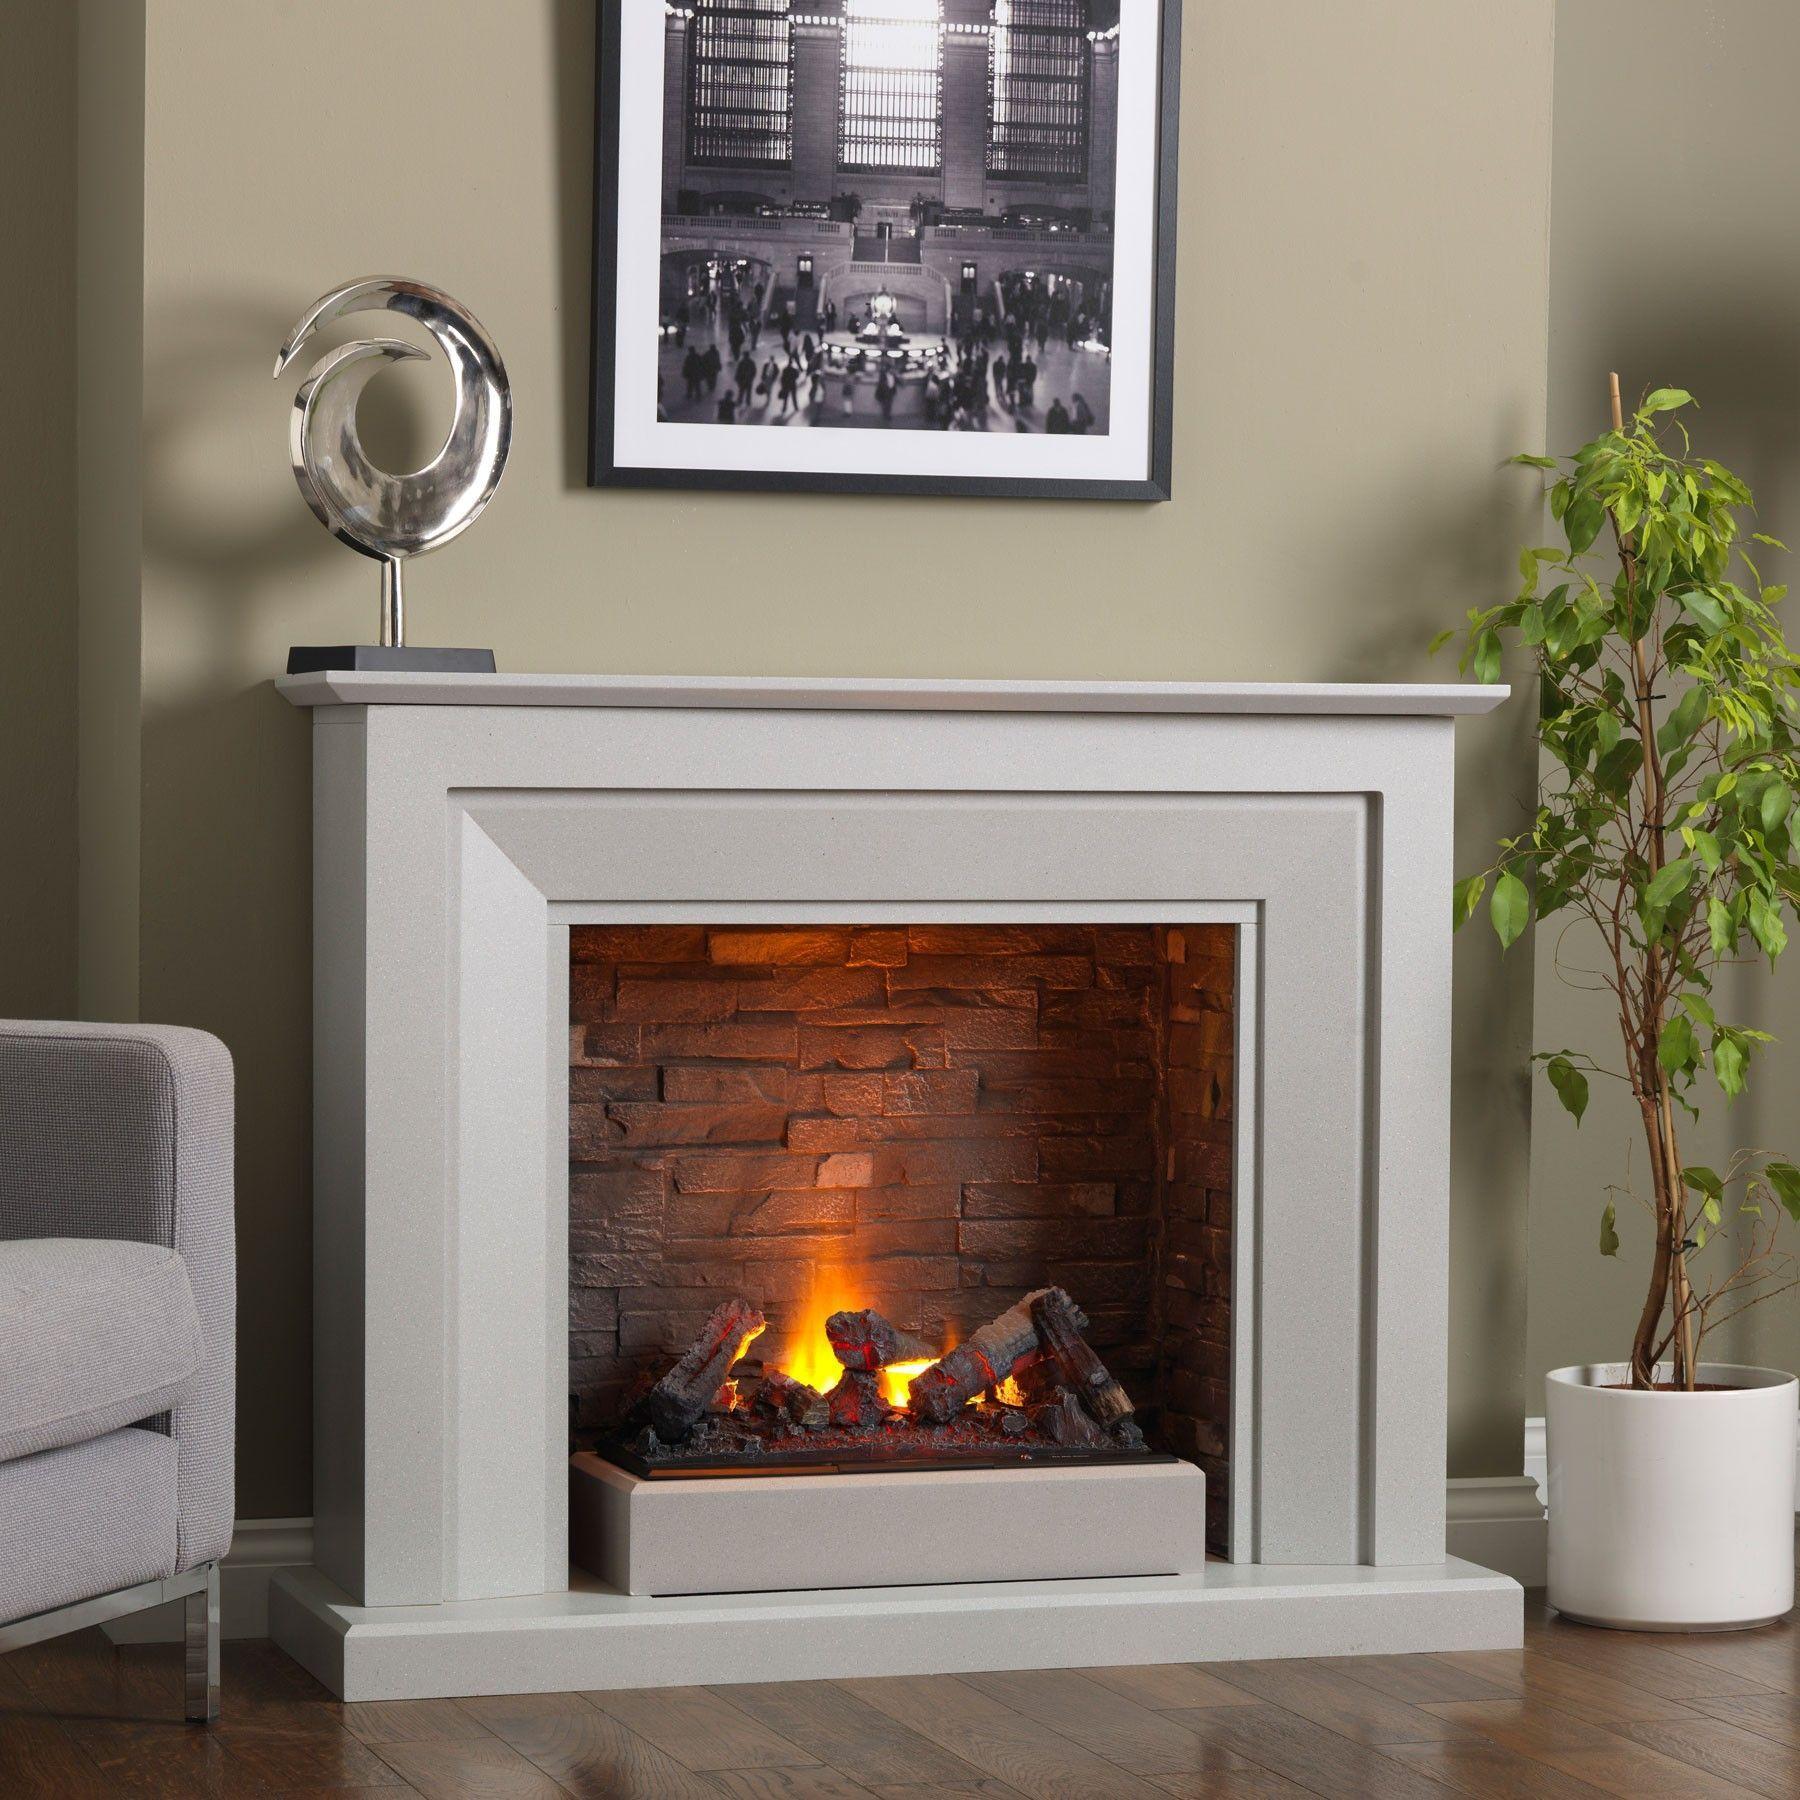 Venice electric fireplace suite fireplaceoutdoorsteel fireplace